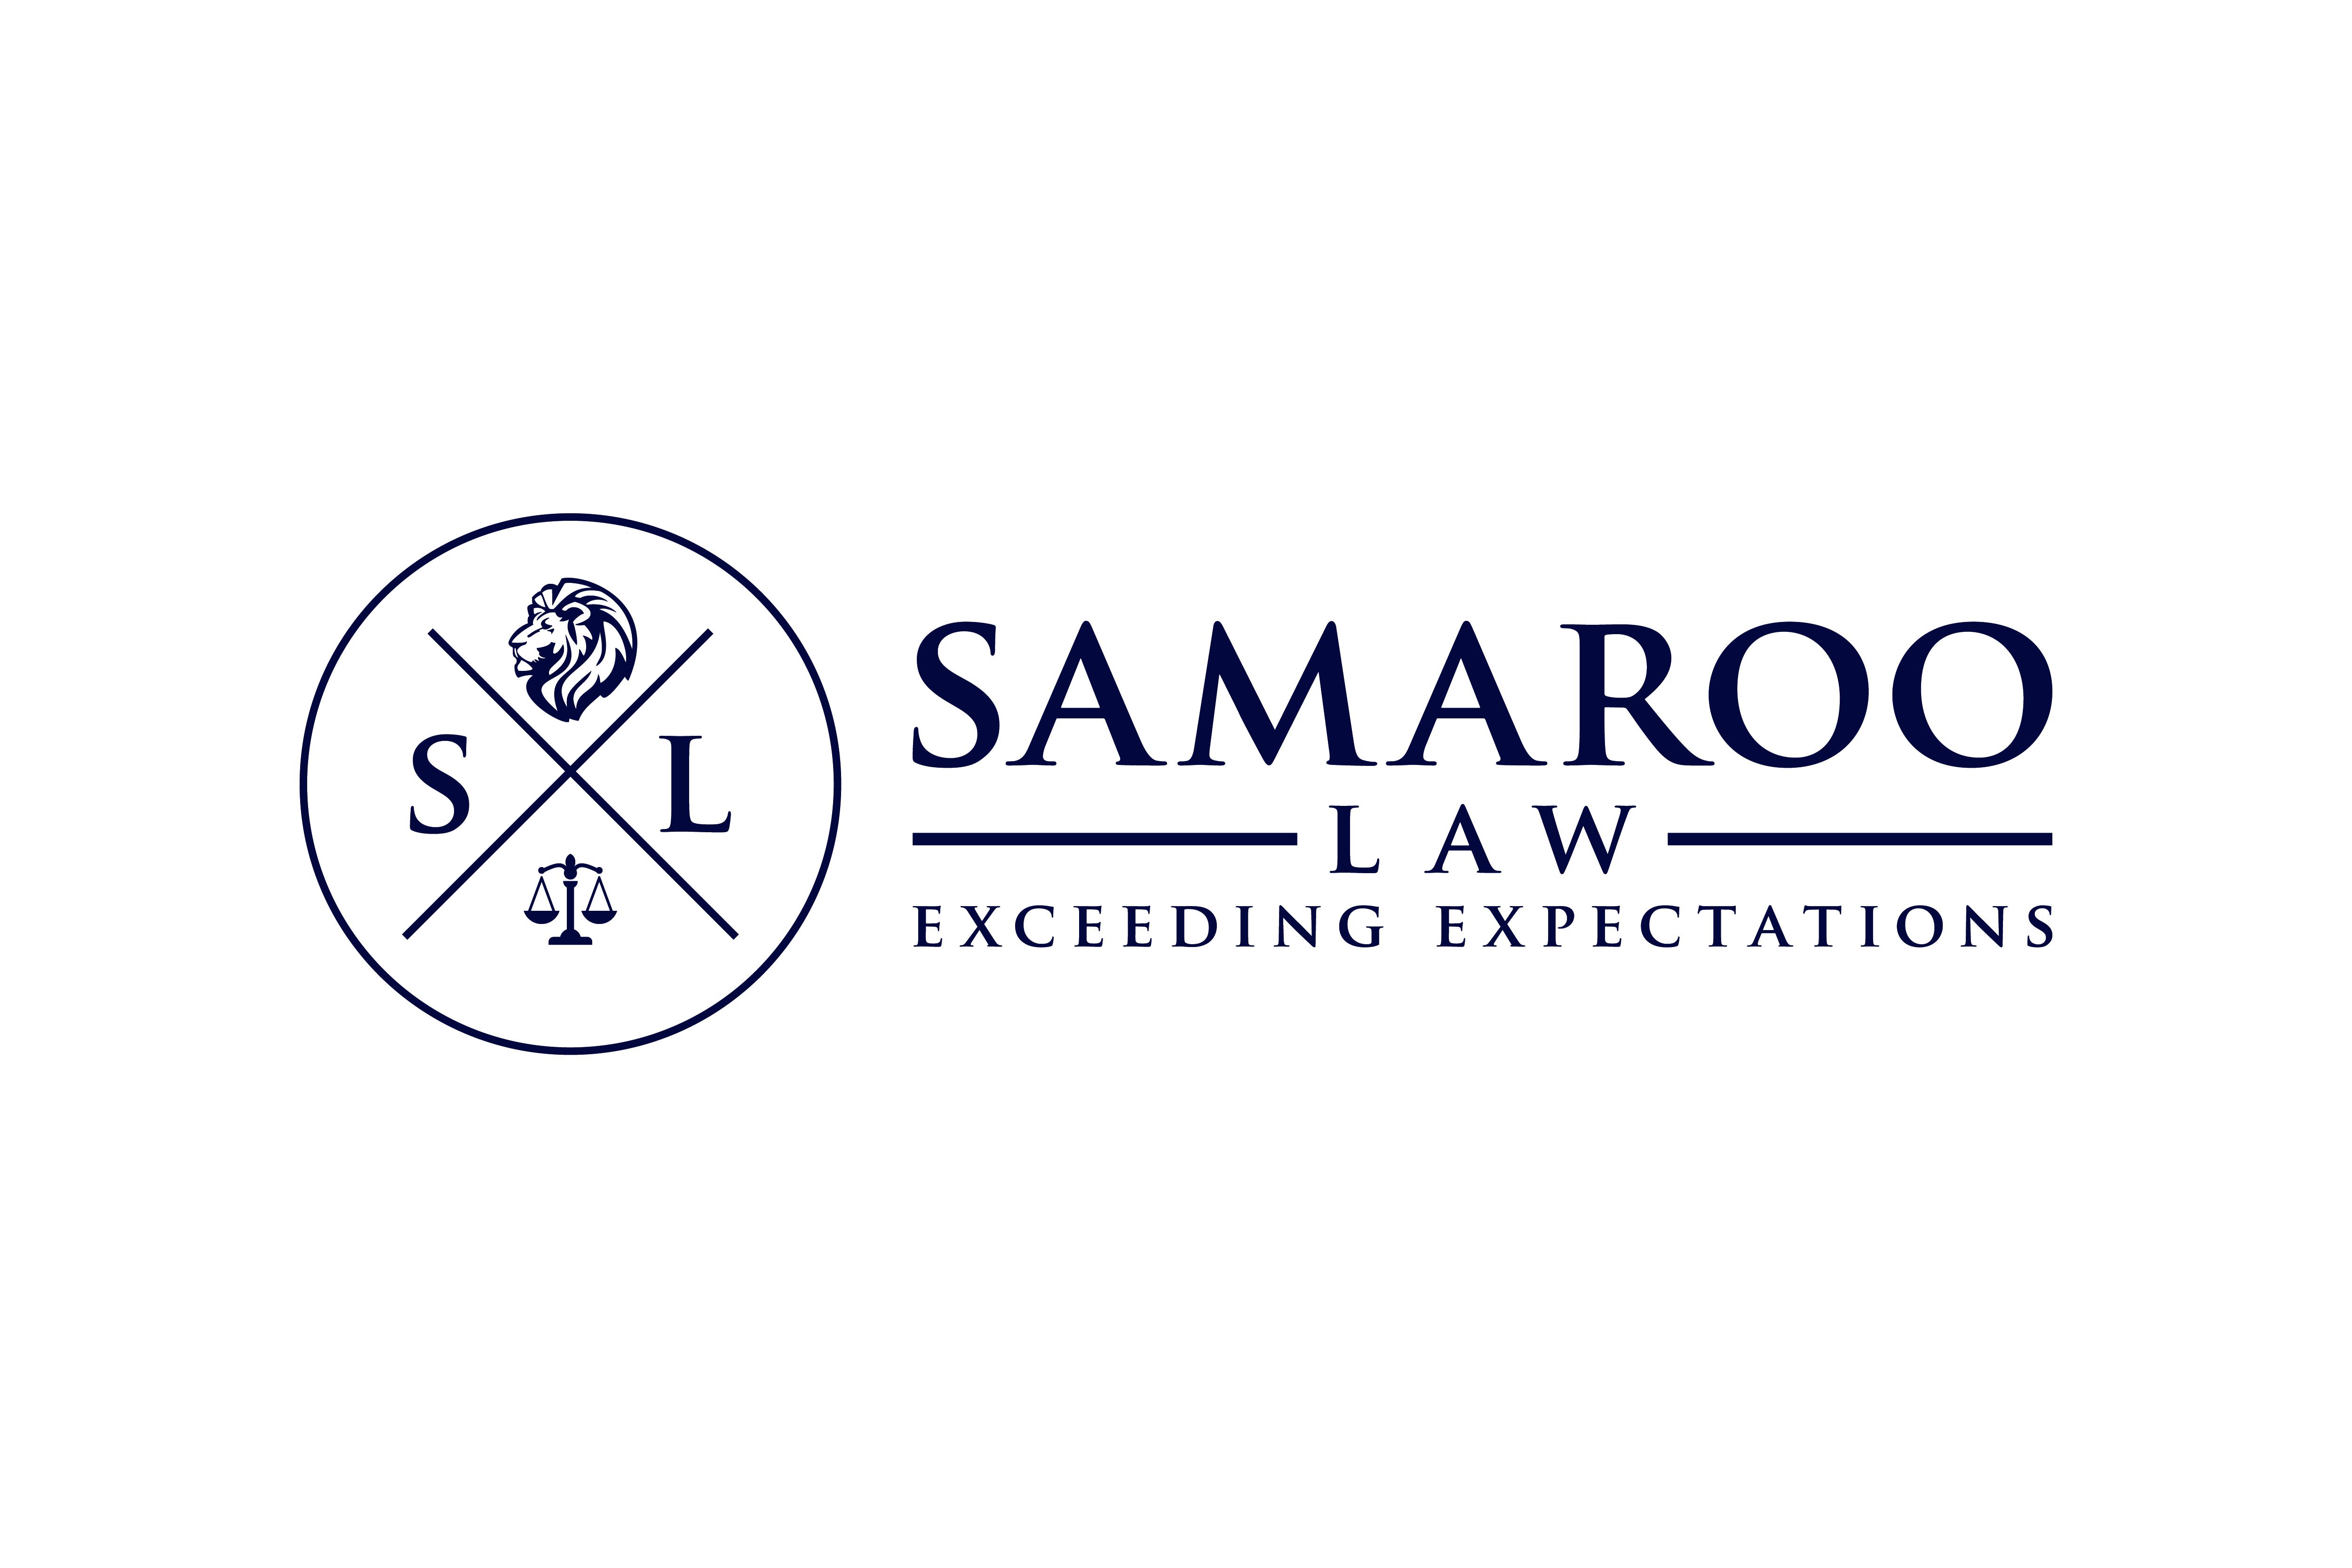 Samaroo Law